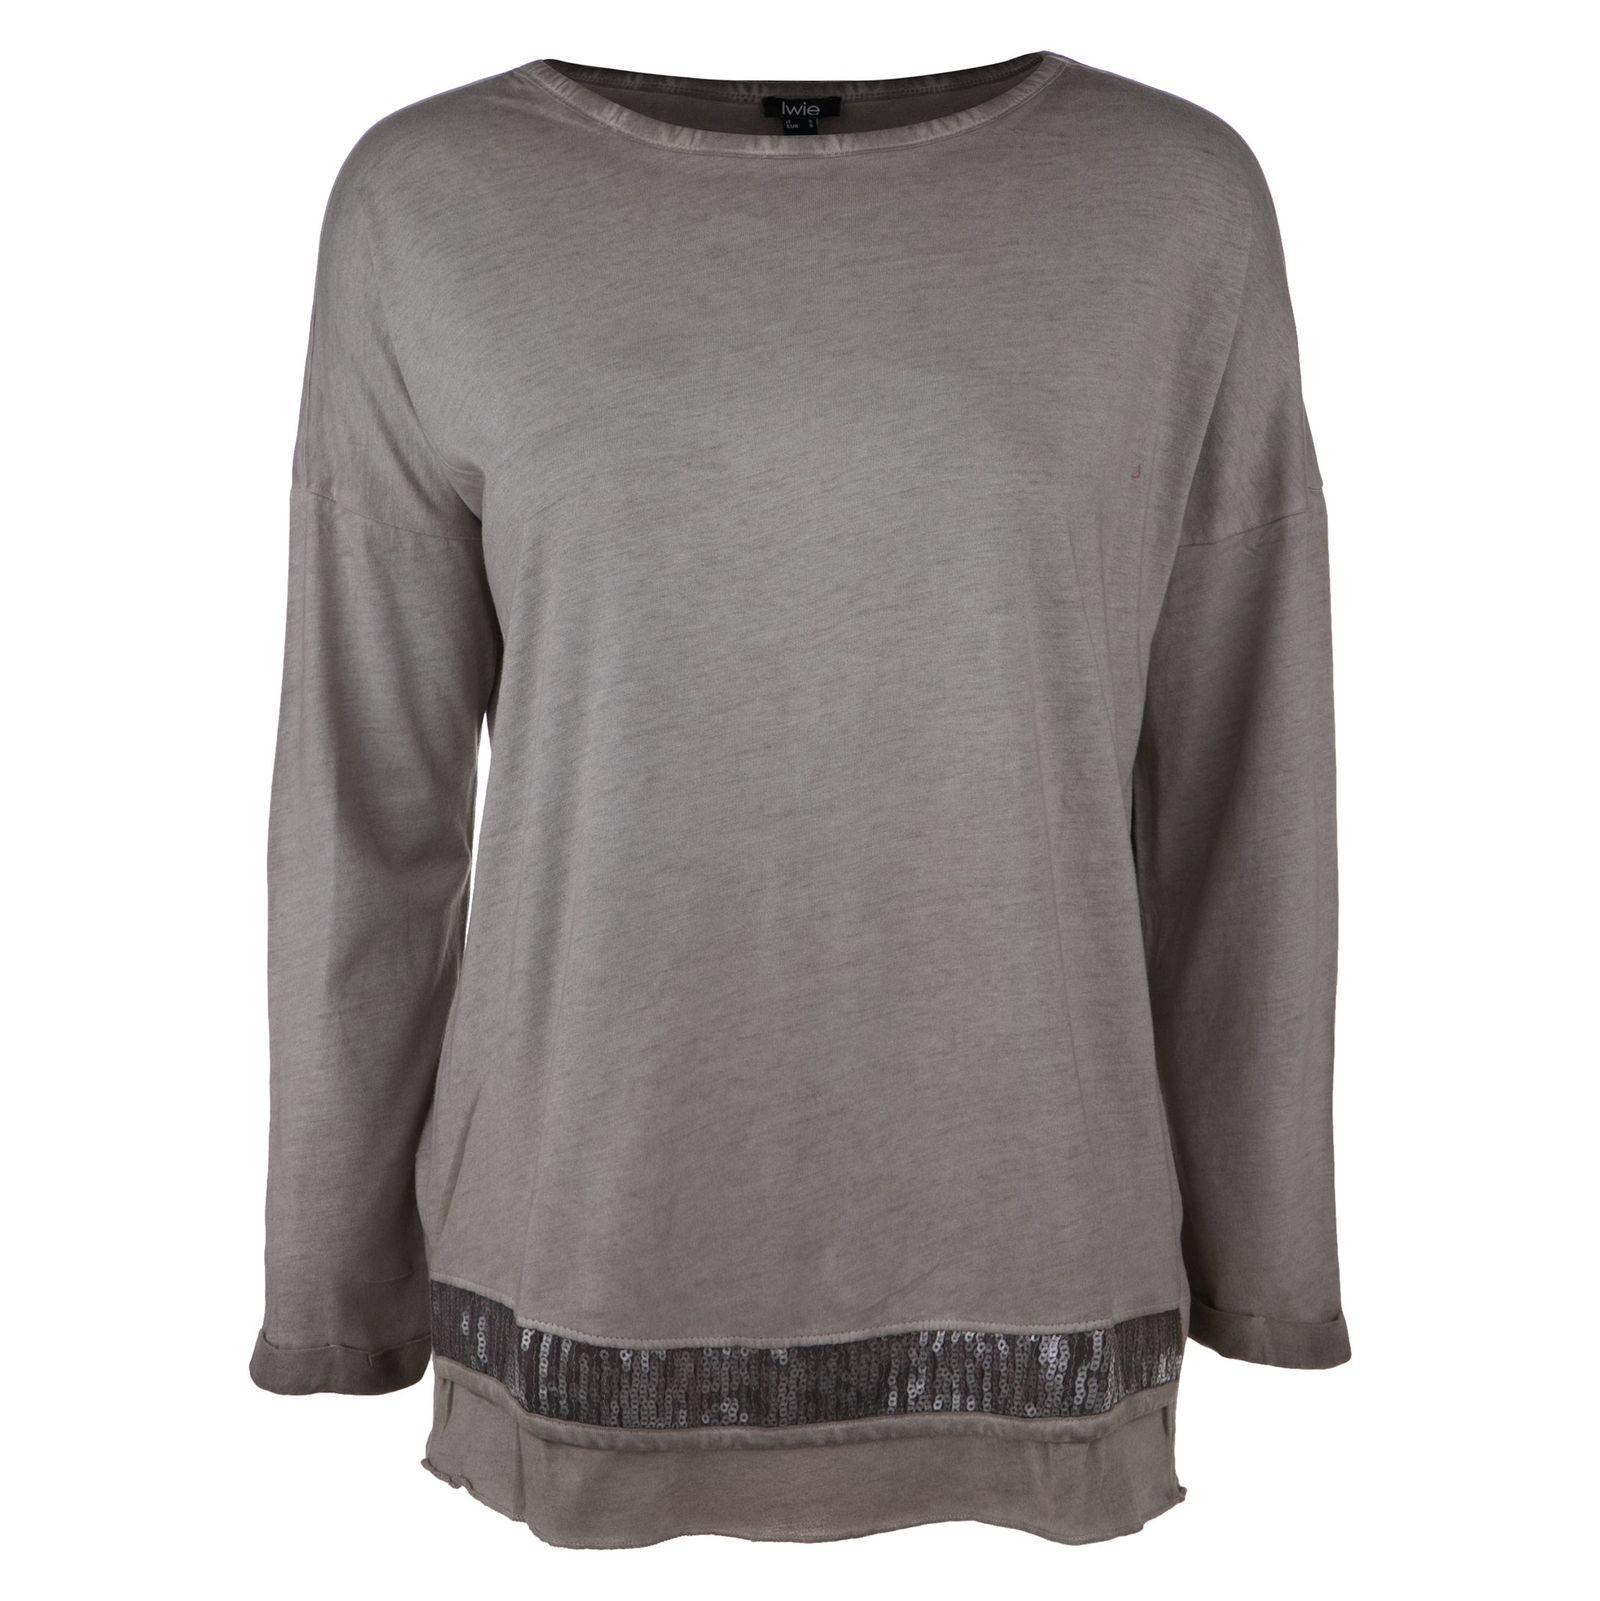 تی شرت نخی یقه گرد زنانه - یوپیم - بژ - 1